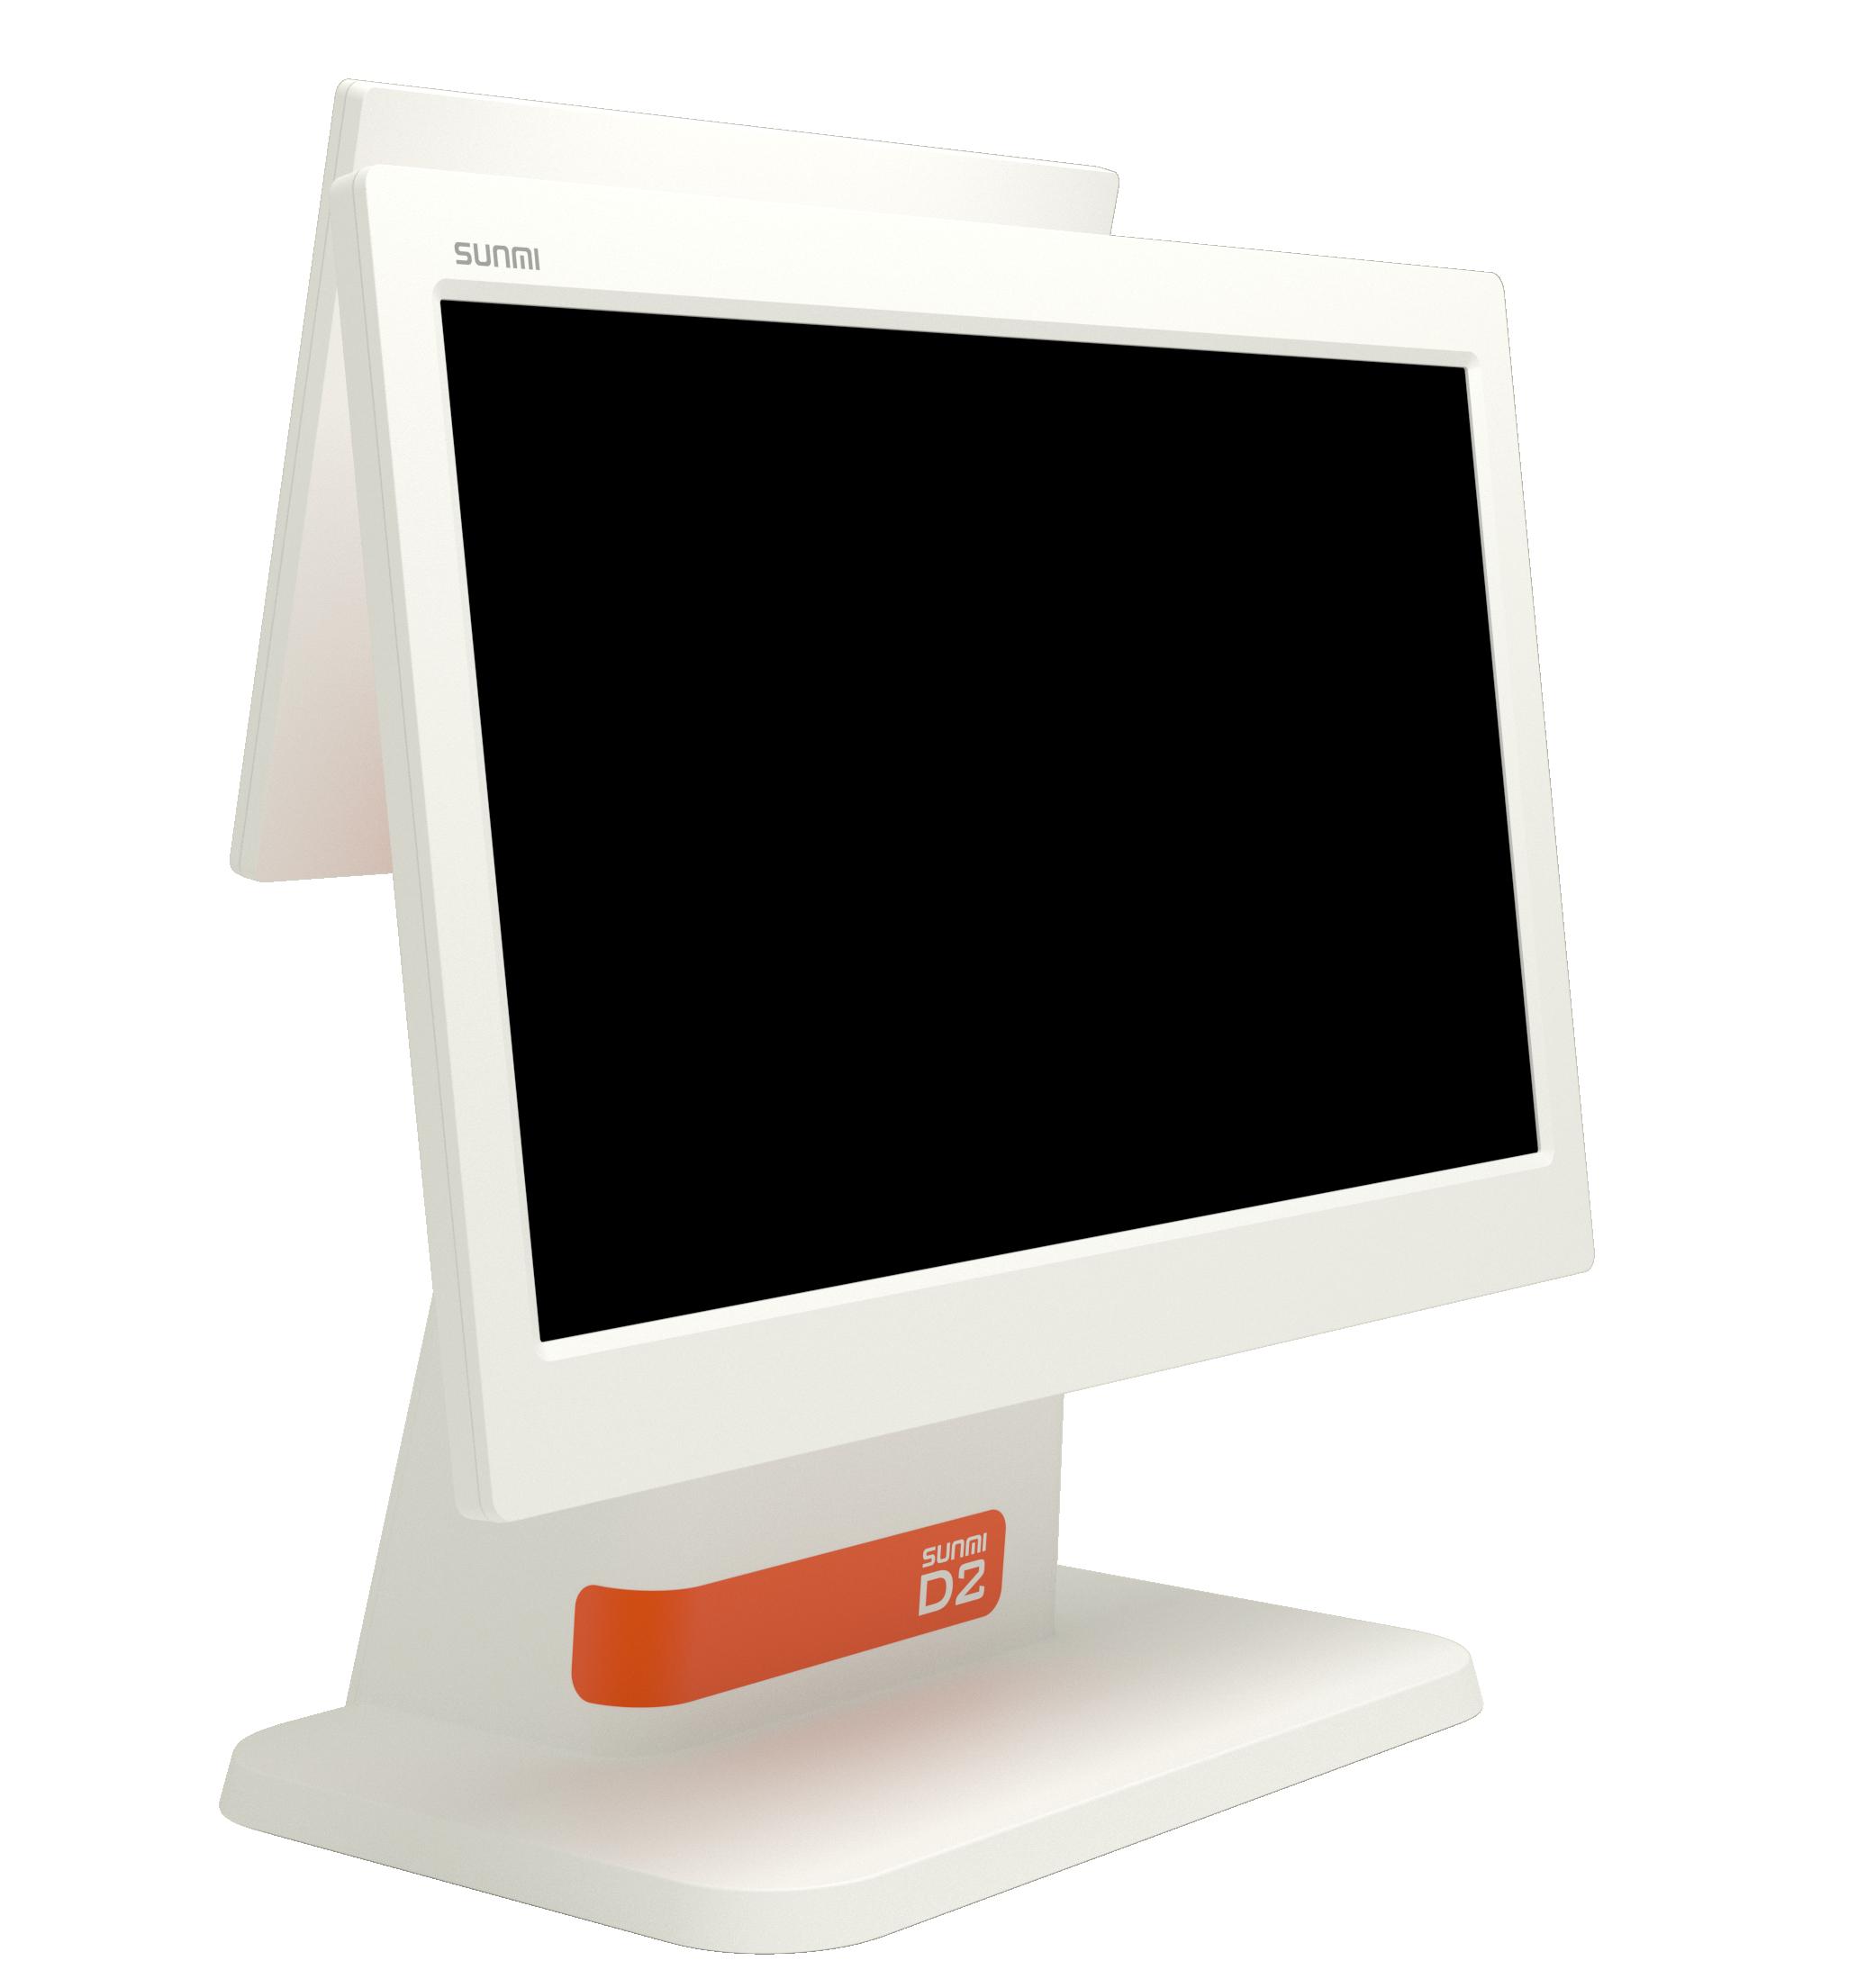 商米SUMMI D2安卓智能收款机